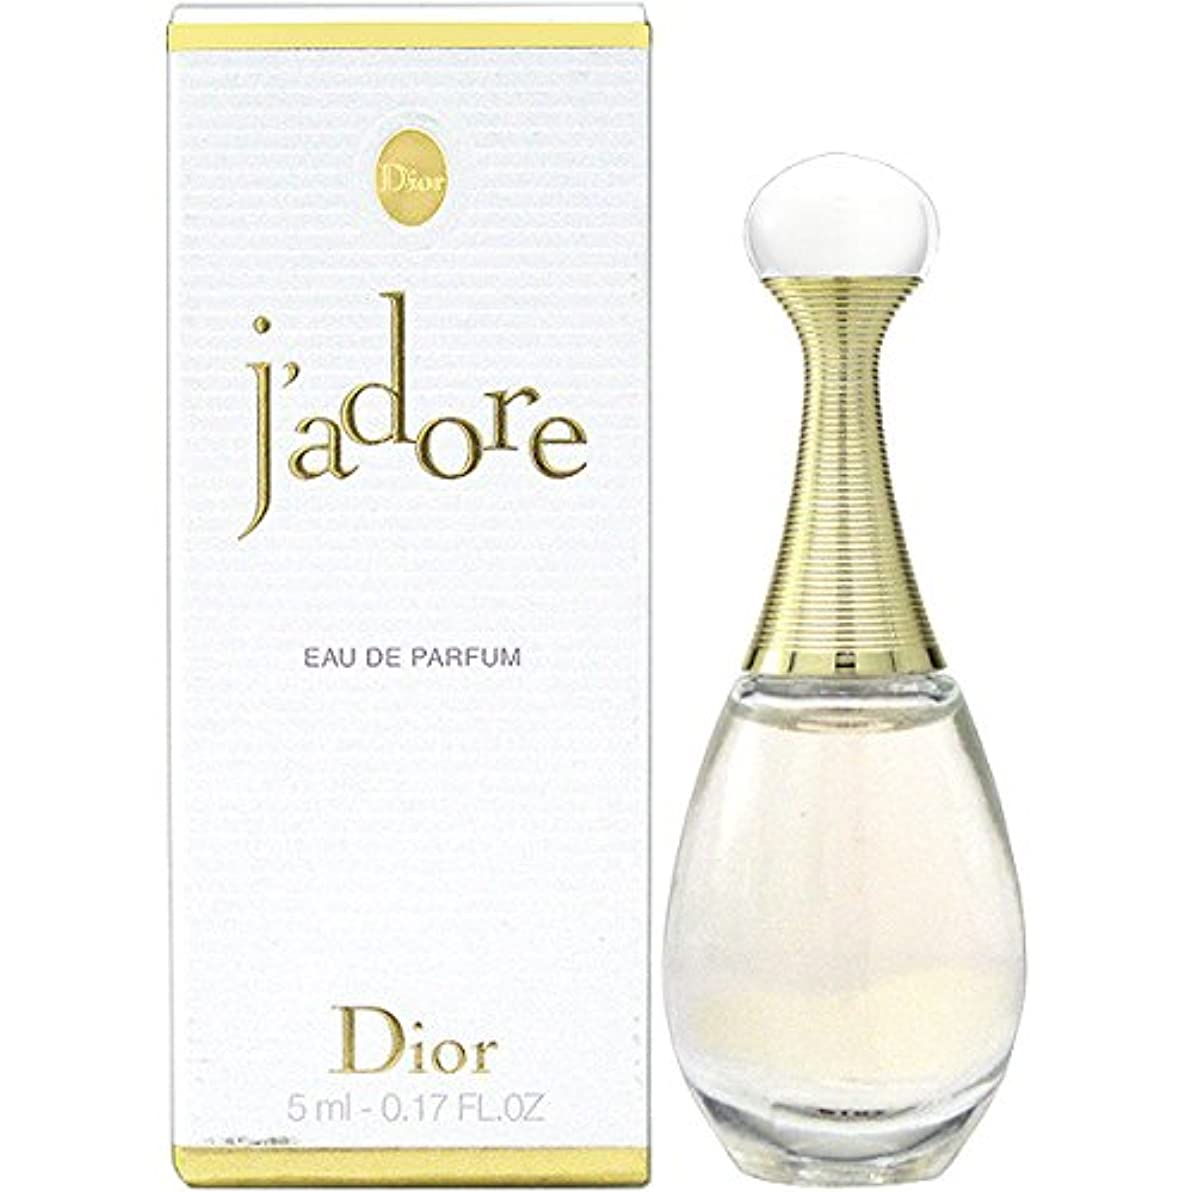 鎮痛剤キャスト郵便物クリスチャン ディオール(Christian Dior) ジャドール EDP 5ml[並行輸入品]